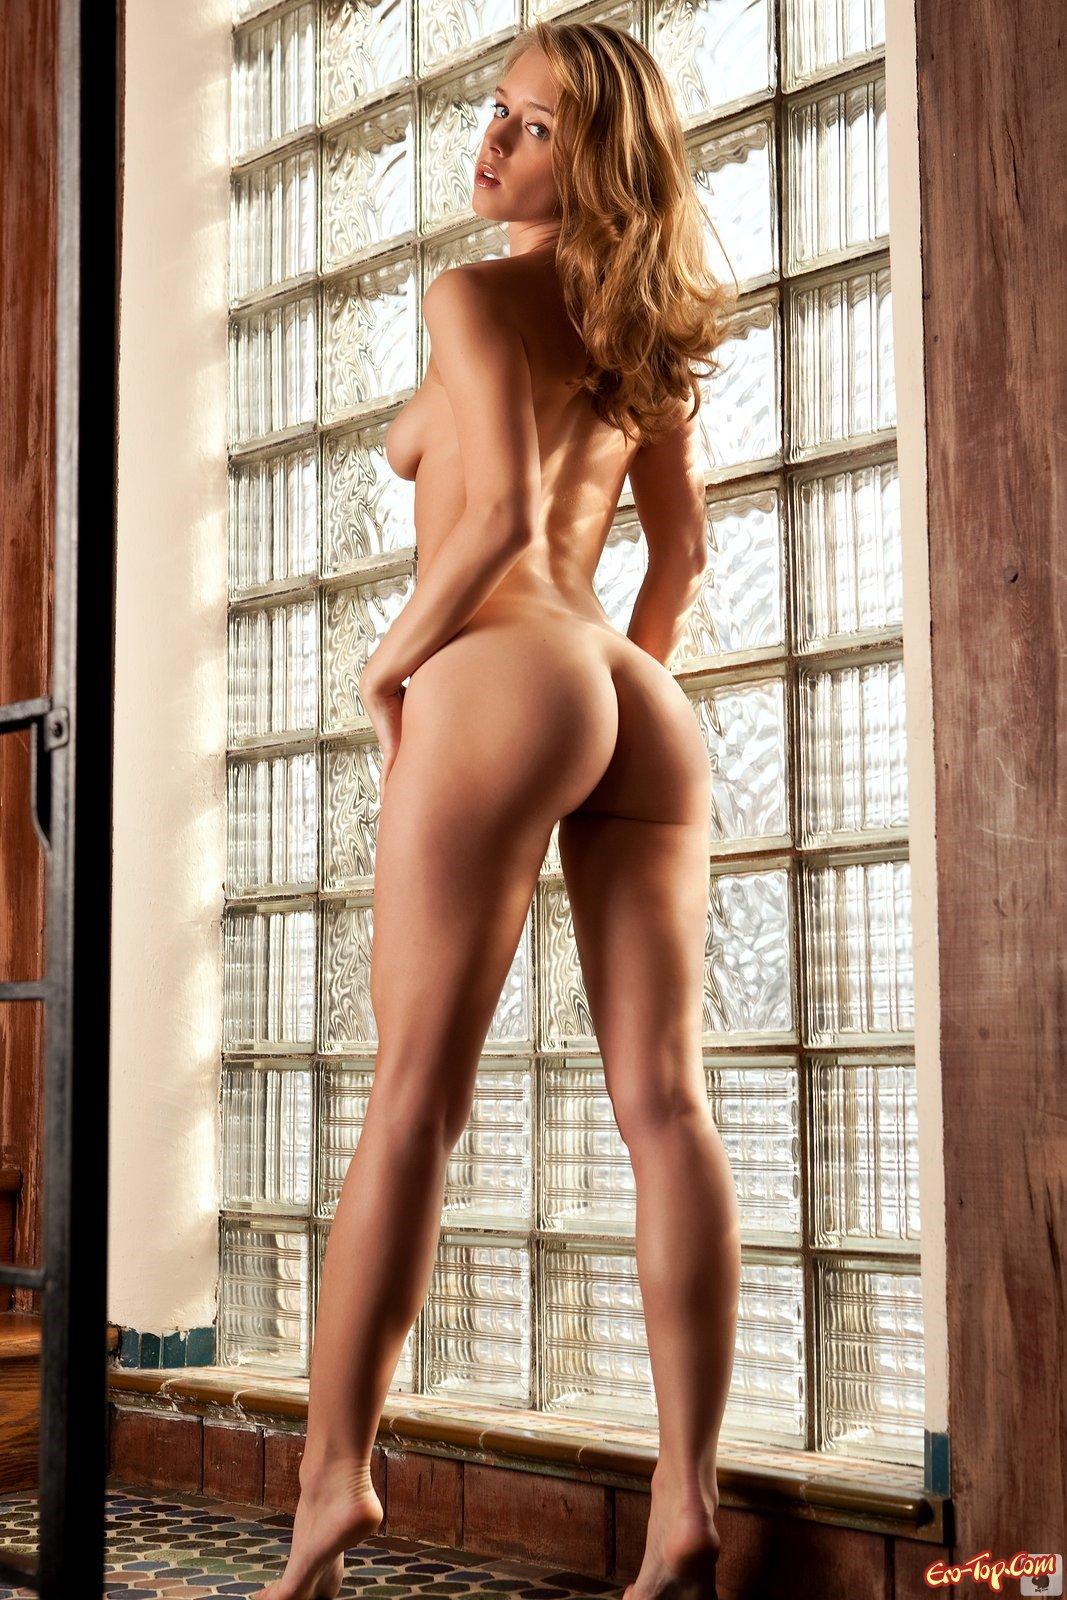 хорошо известна фото девушек с упругой попкой с длинными ногами громко